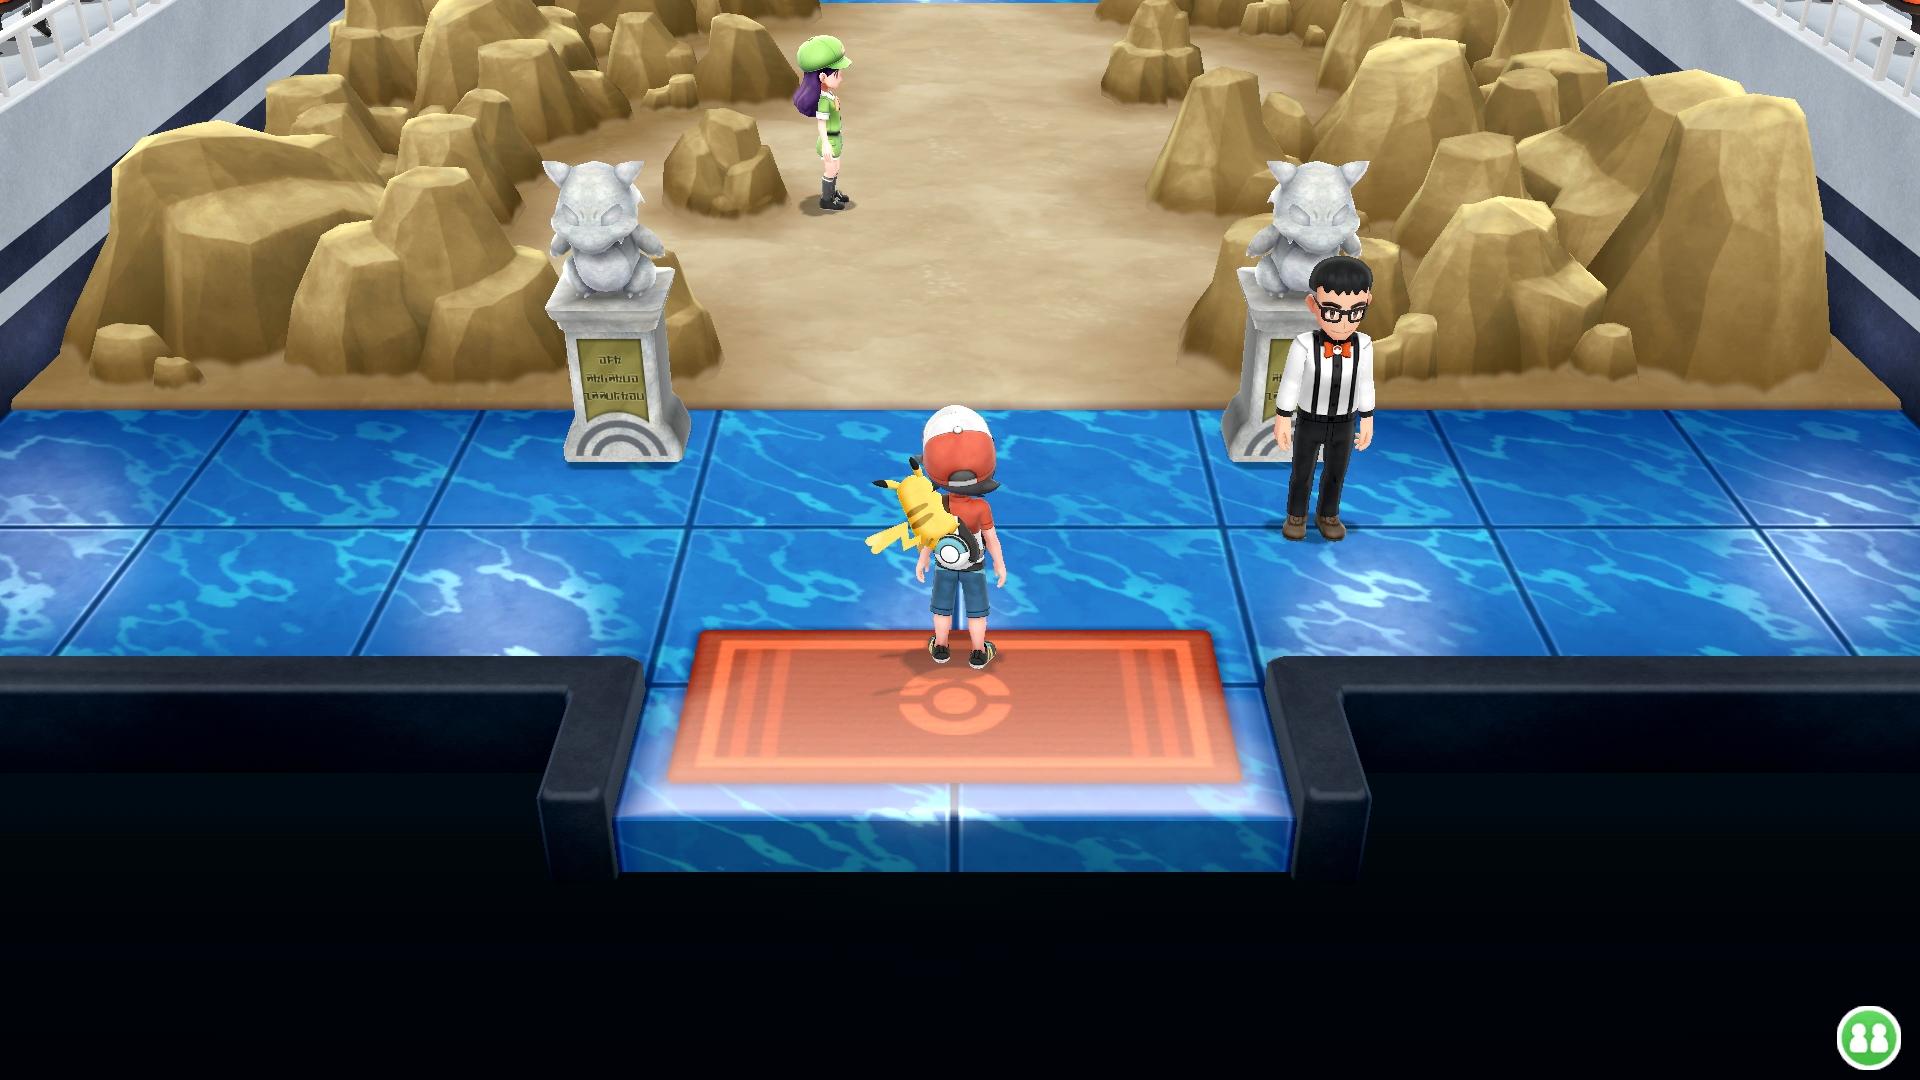 Pokémon Let's Go brilha na nostalgia, mas oscila entre ideias boas e ruins